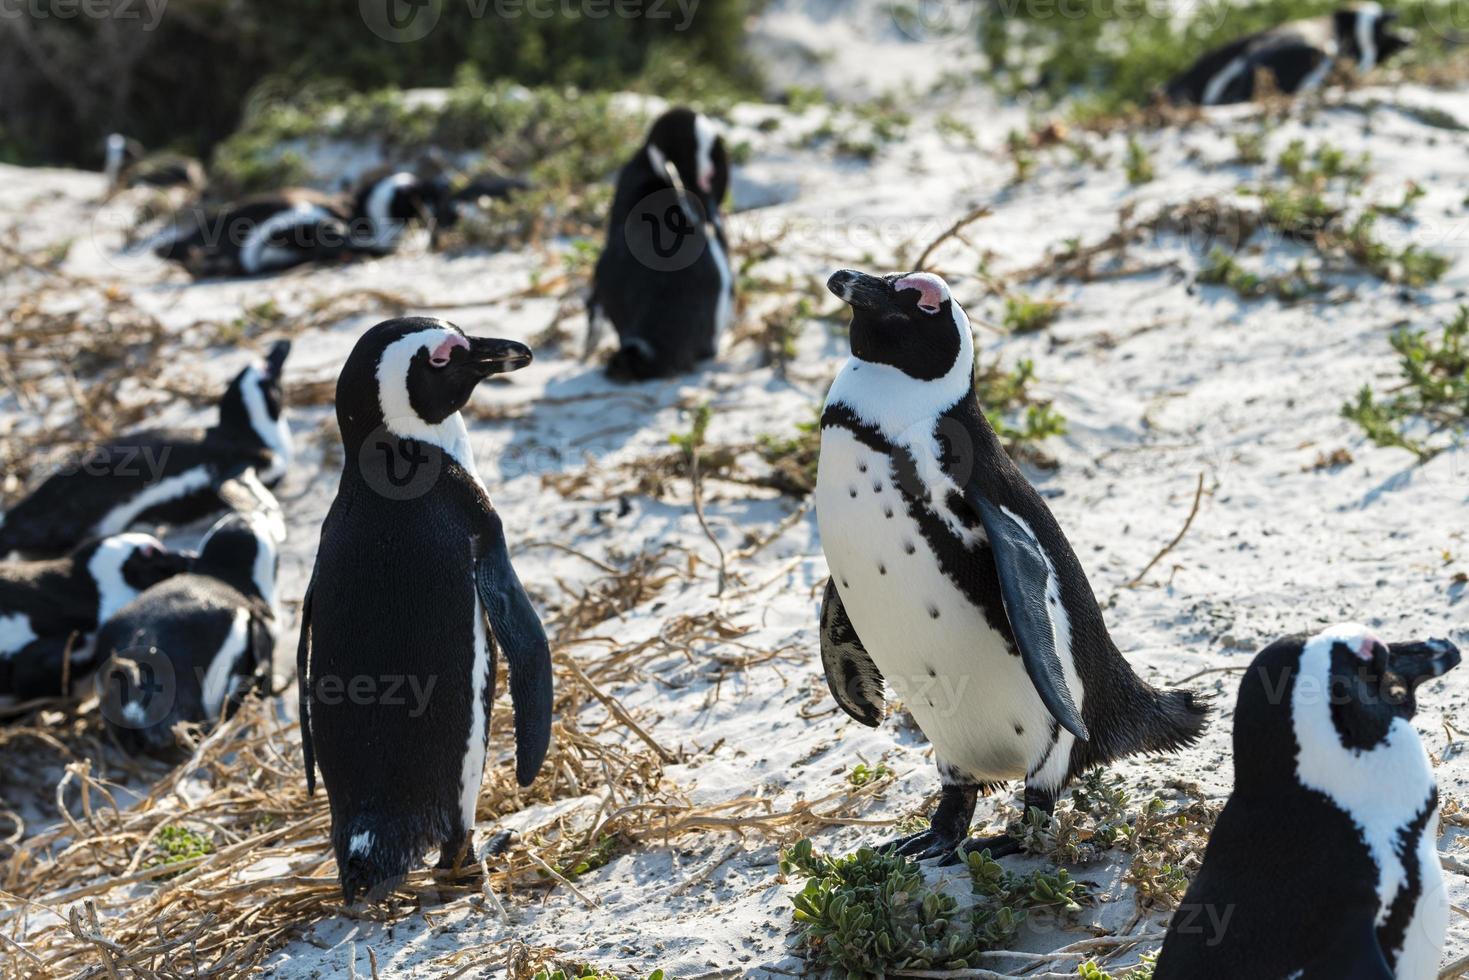 pingüinos burros (spheniscus demersus) foto